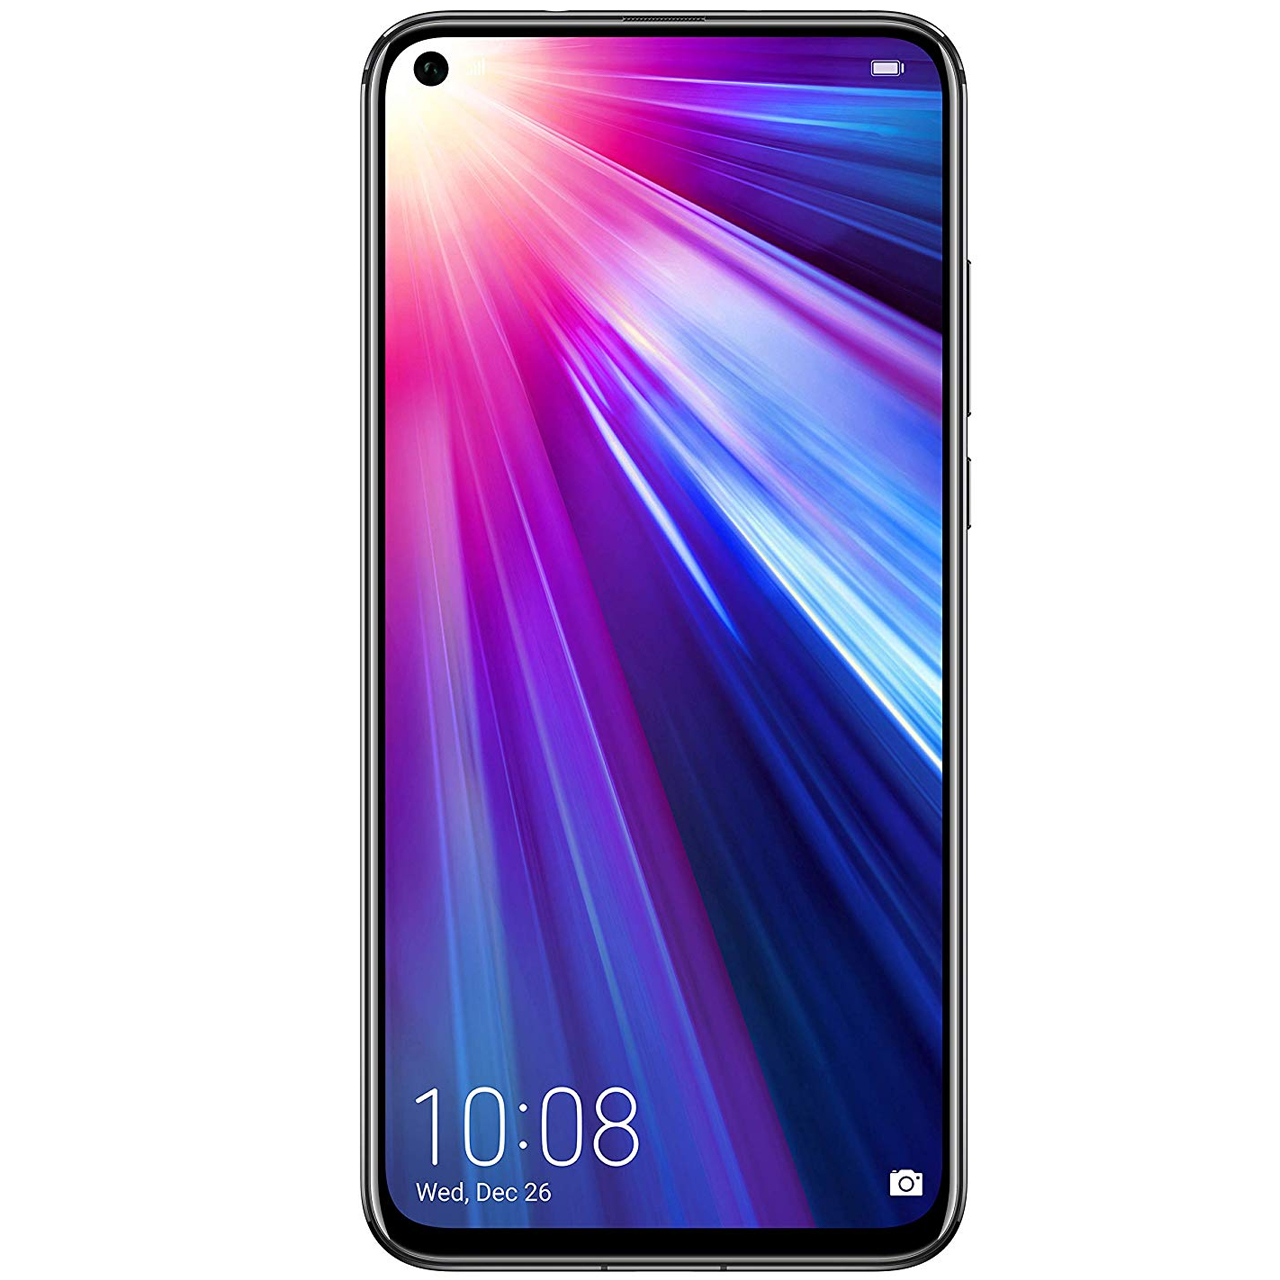 گوشی موبایل آنر مدل   View 20 PCT-L29 دوسیم کارت ظرفیت 256 گیگابایت